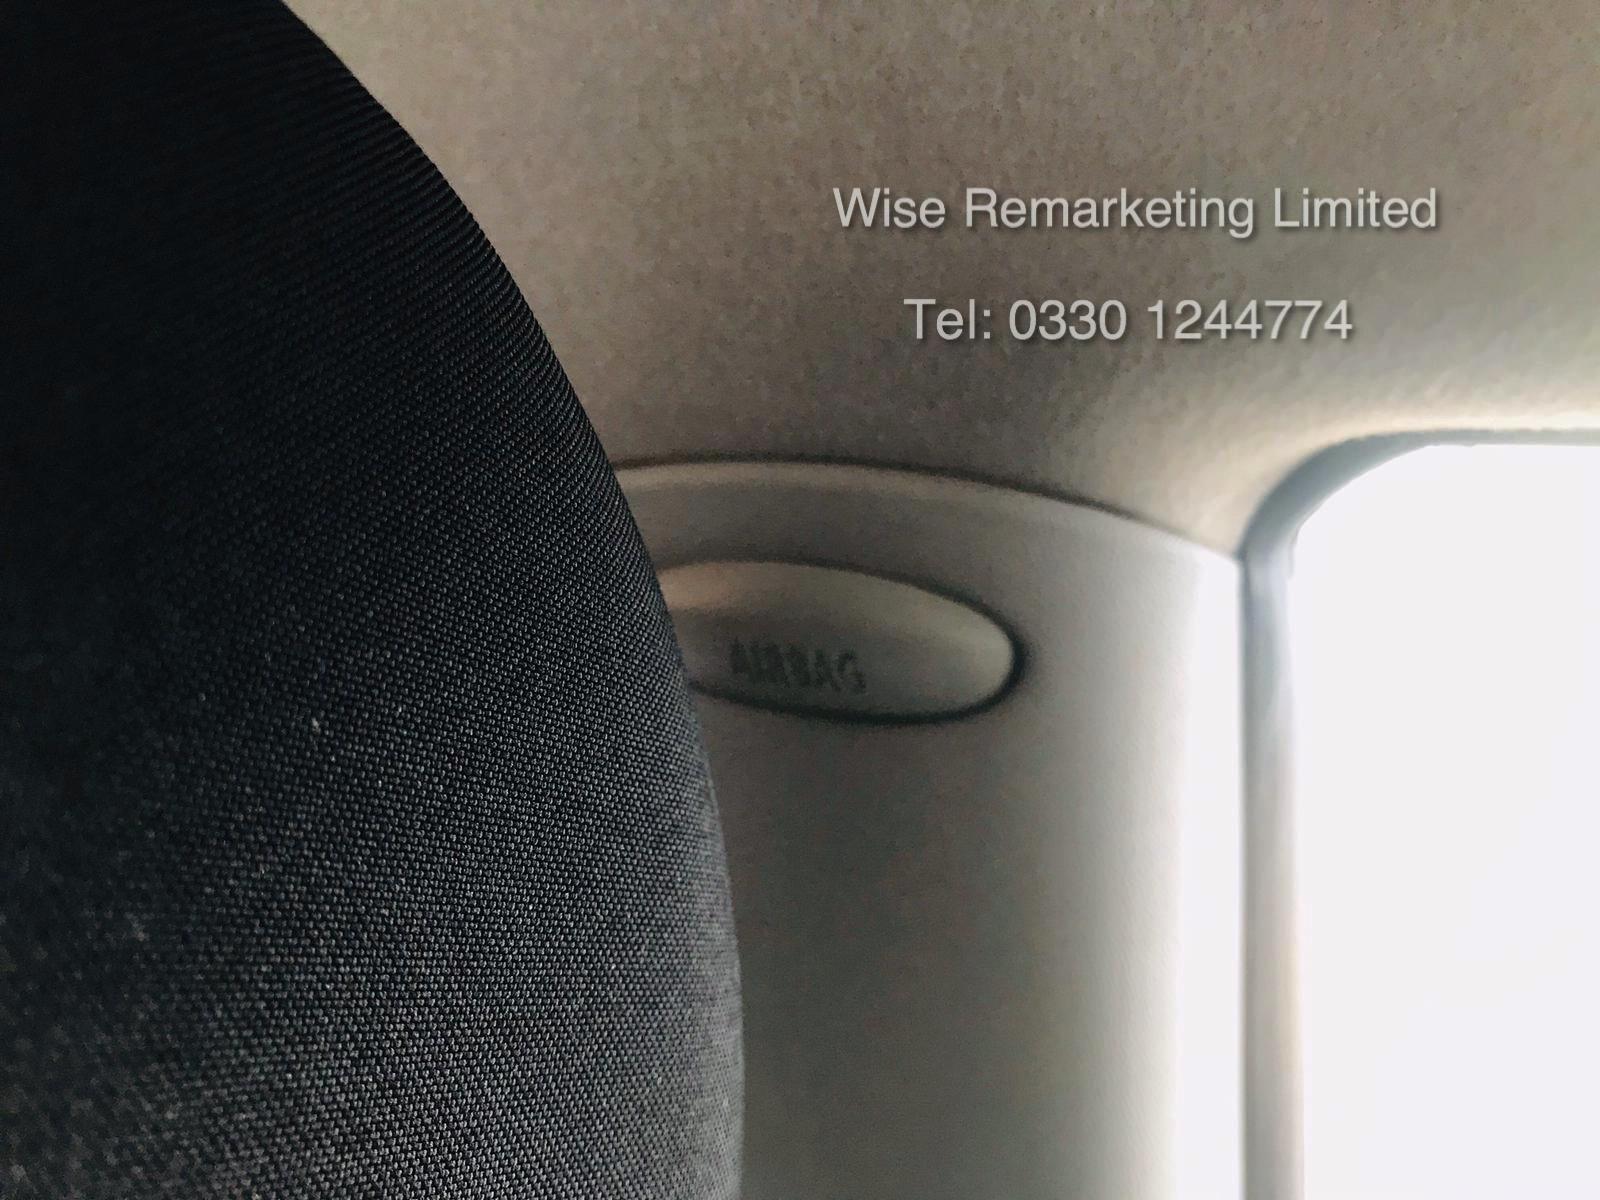 Mini Cooper 1.4l One - 2008 Model - Service History - Air Con - White - Image 7 of 23